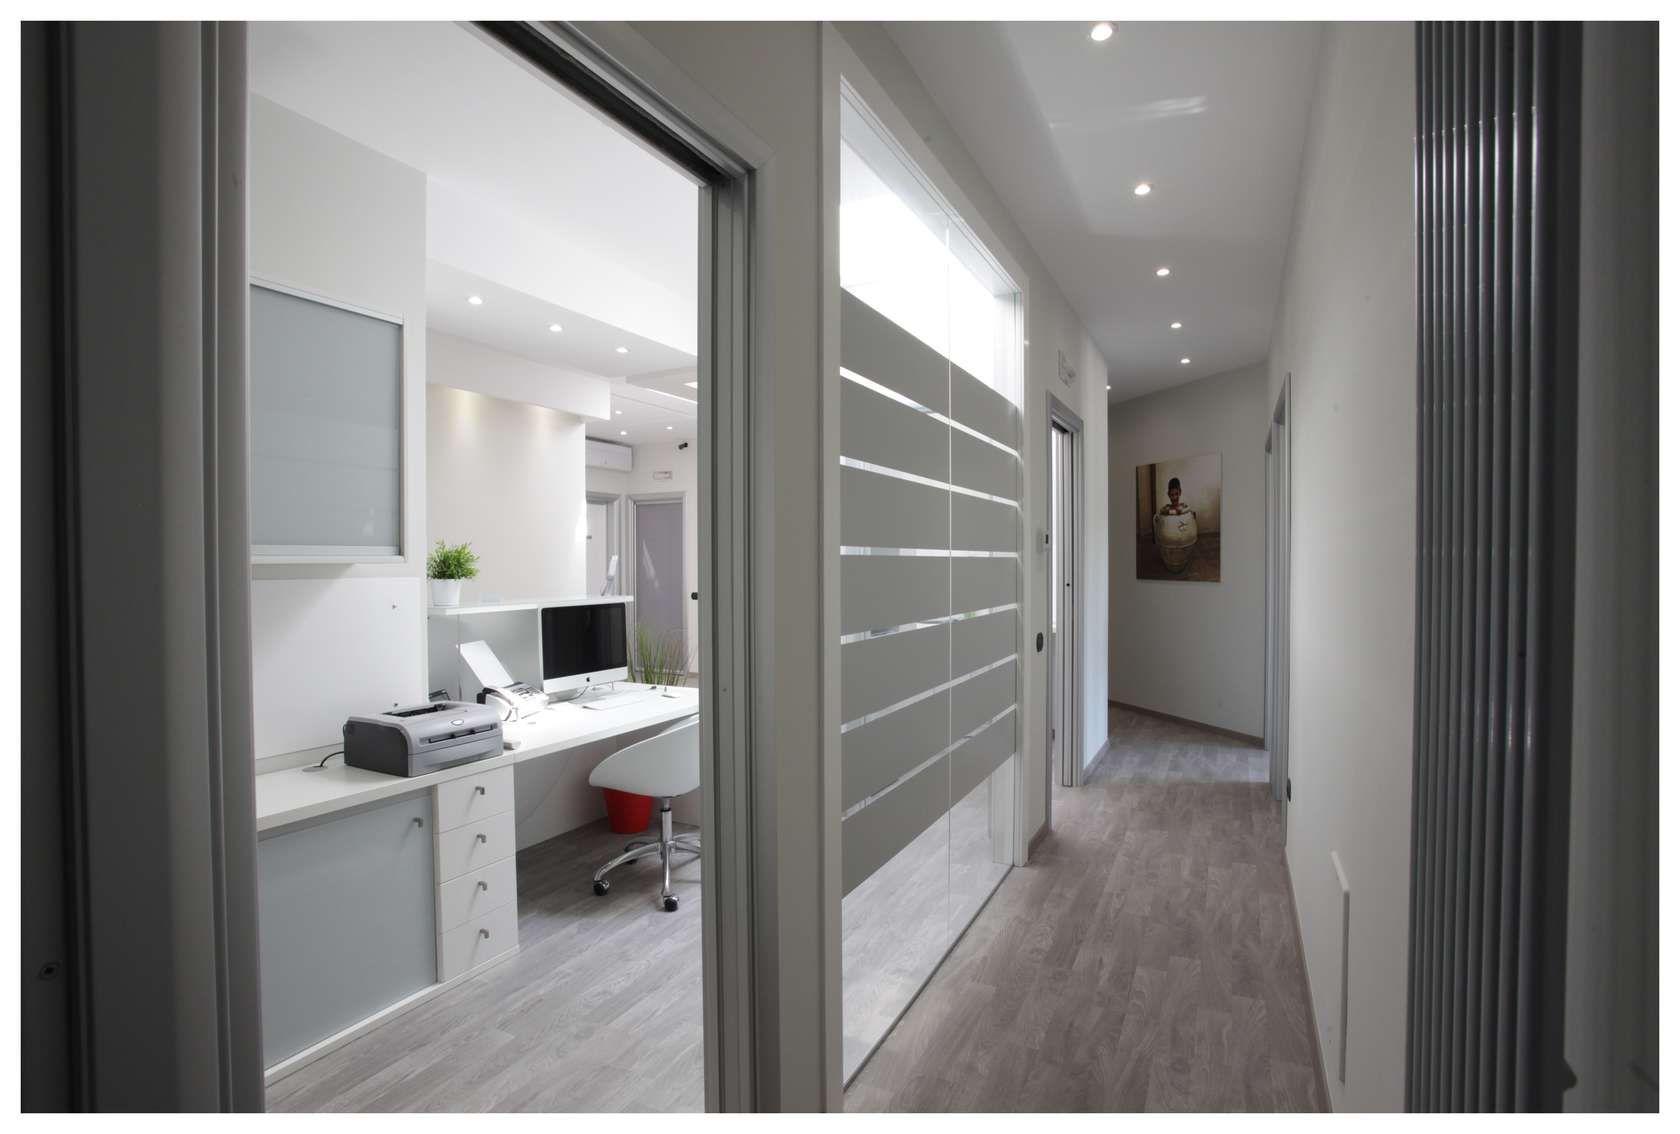 Home Office Ideas Pinterest: Best 25+ Interior Office Ideas On Pinterest